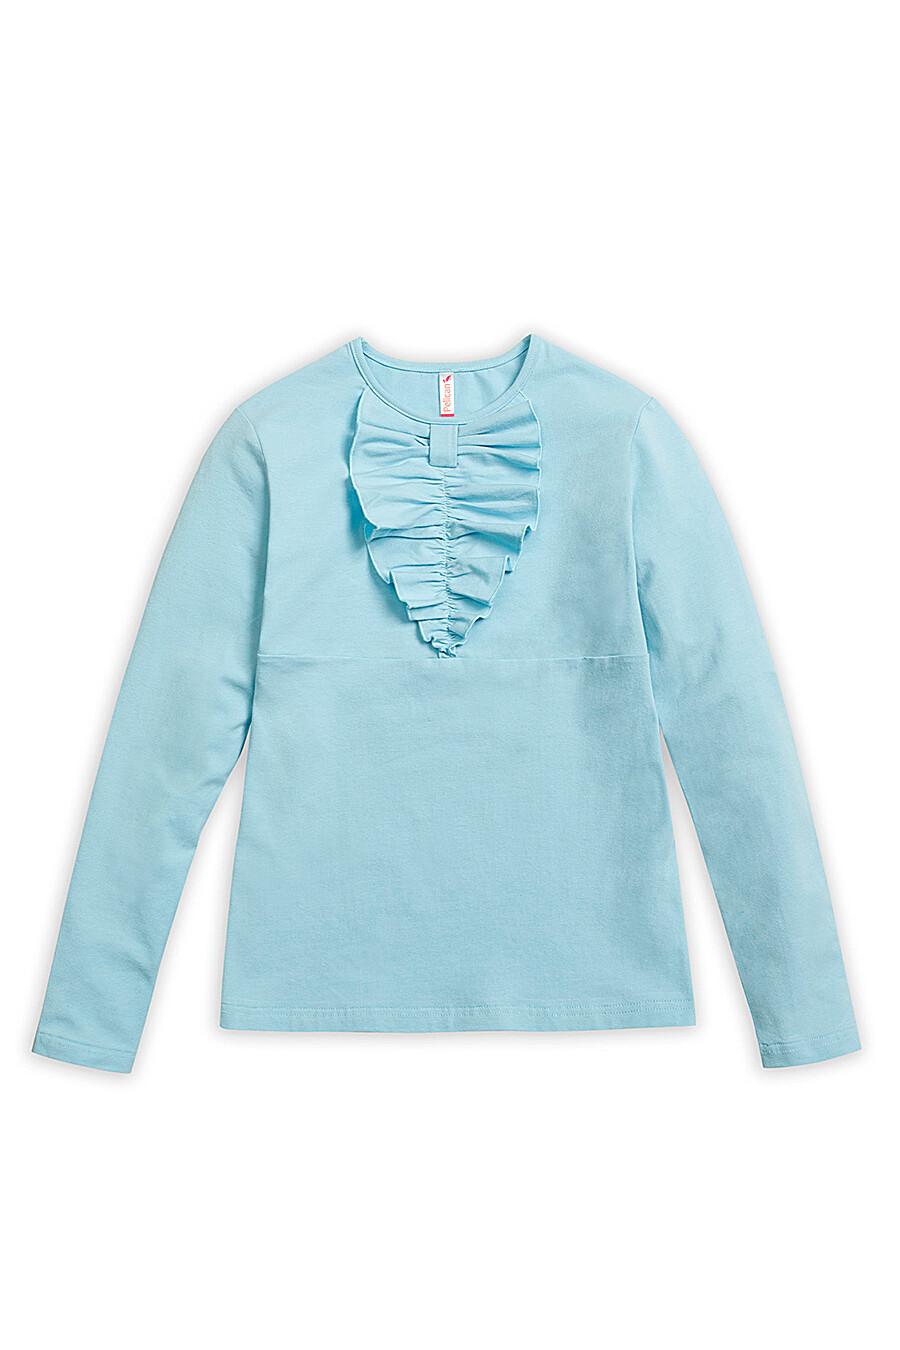 Блузка для девочек PELICAN 218540 купить оптом от производителя. Совместная покупка детской одежды в OptMoyo